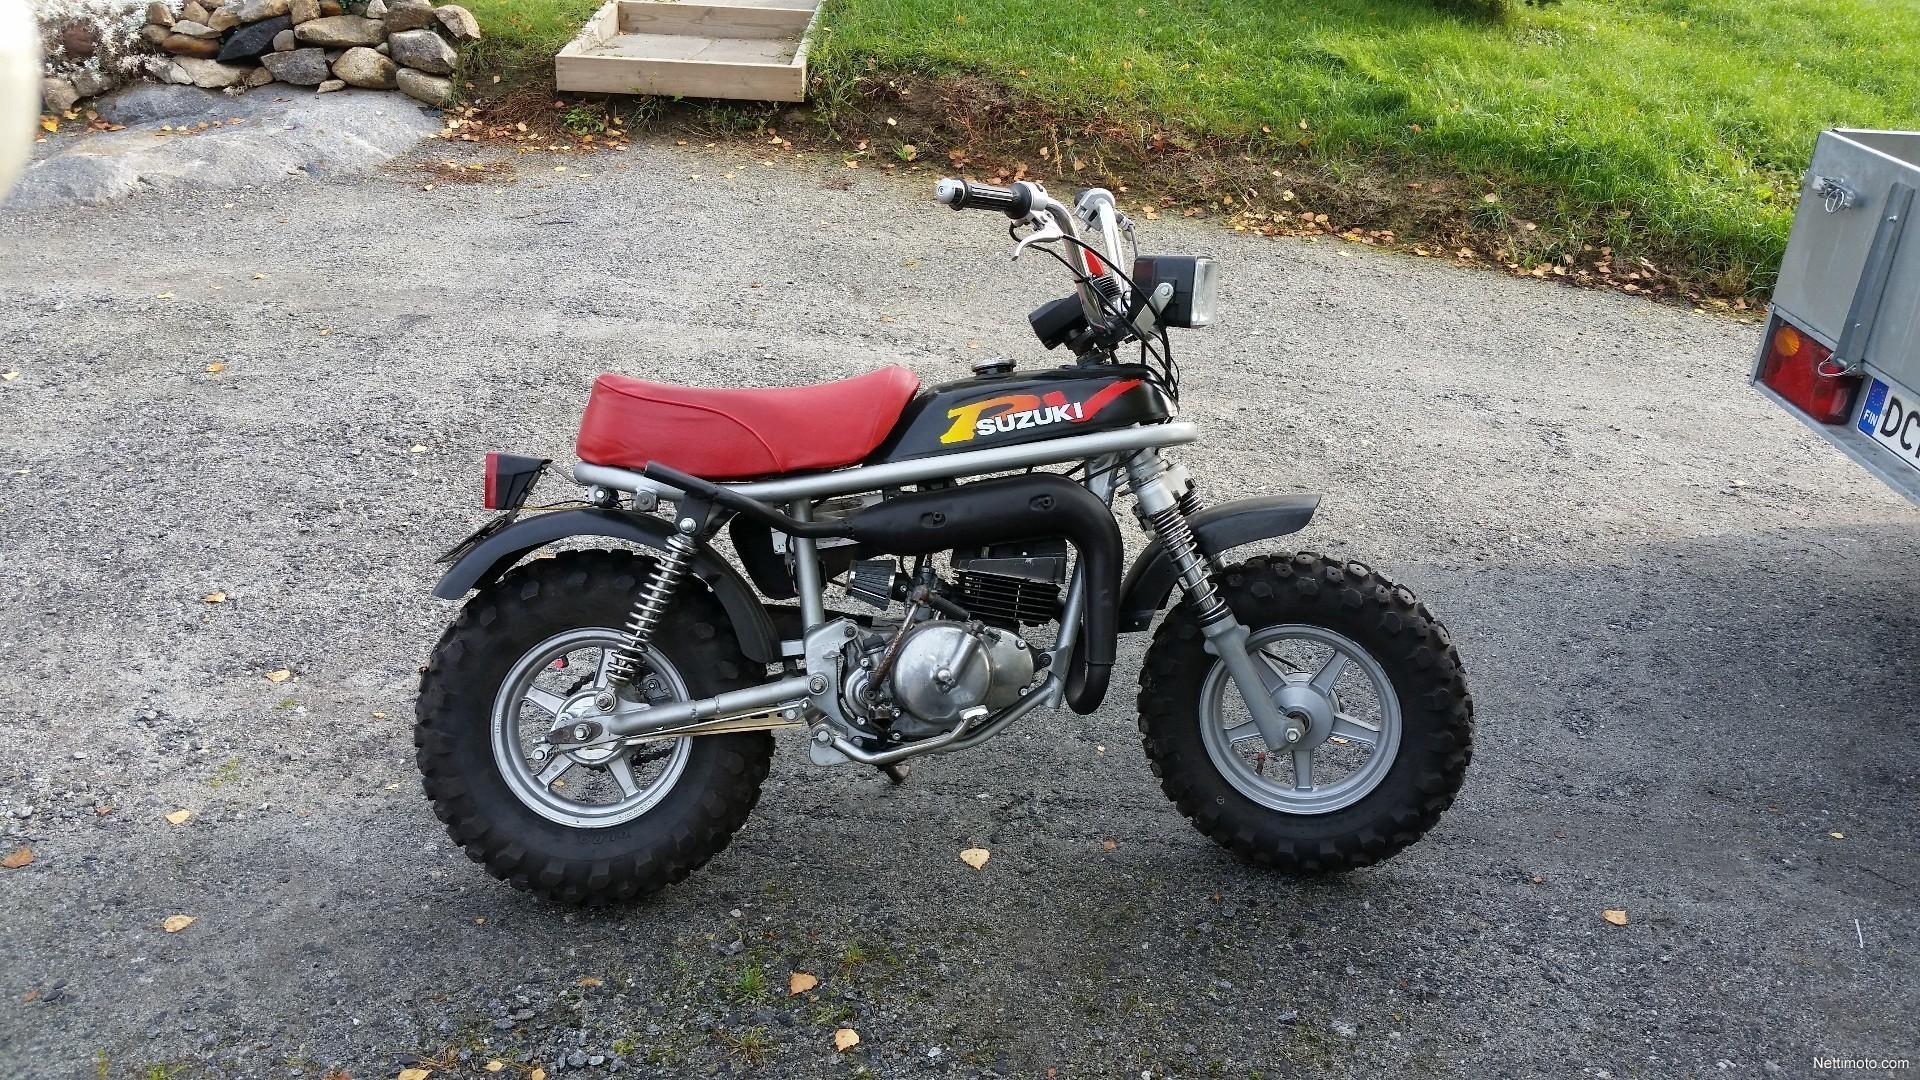 Suzuki Pv 1990